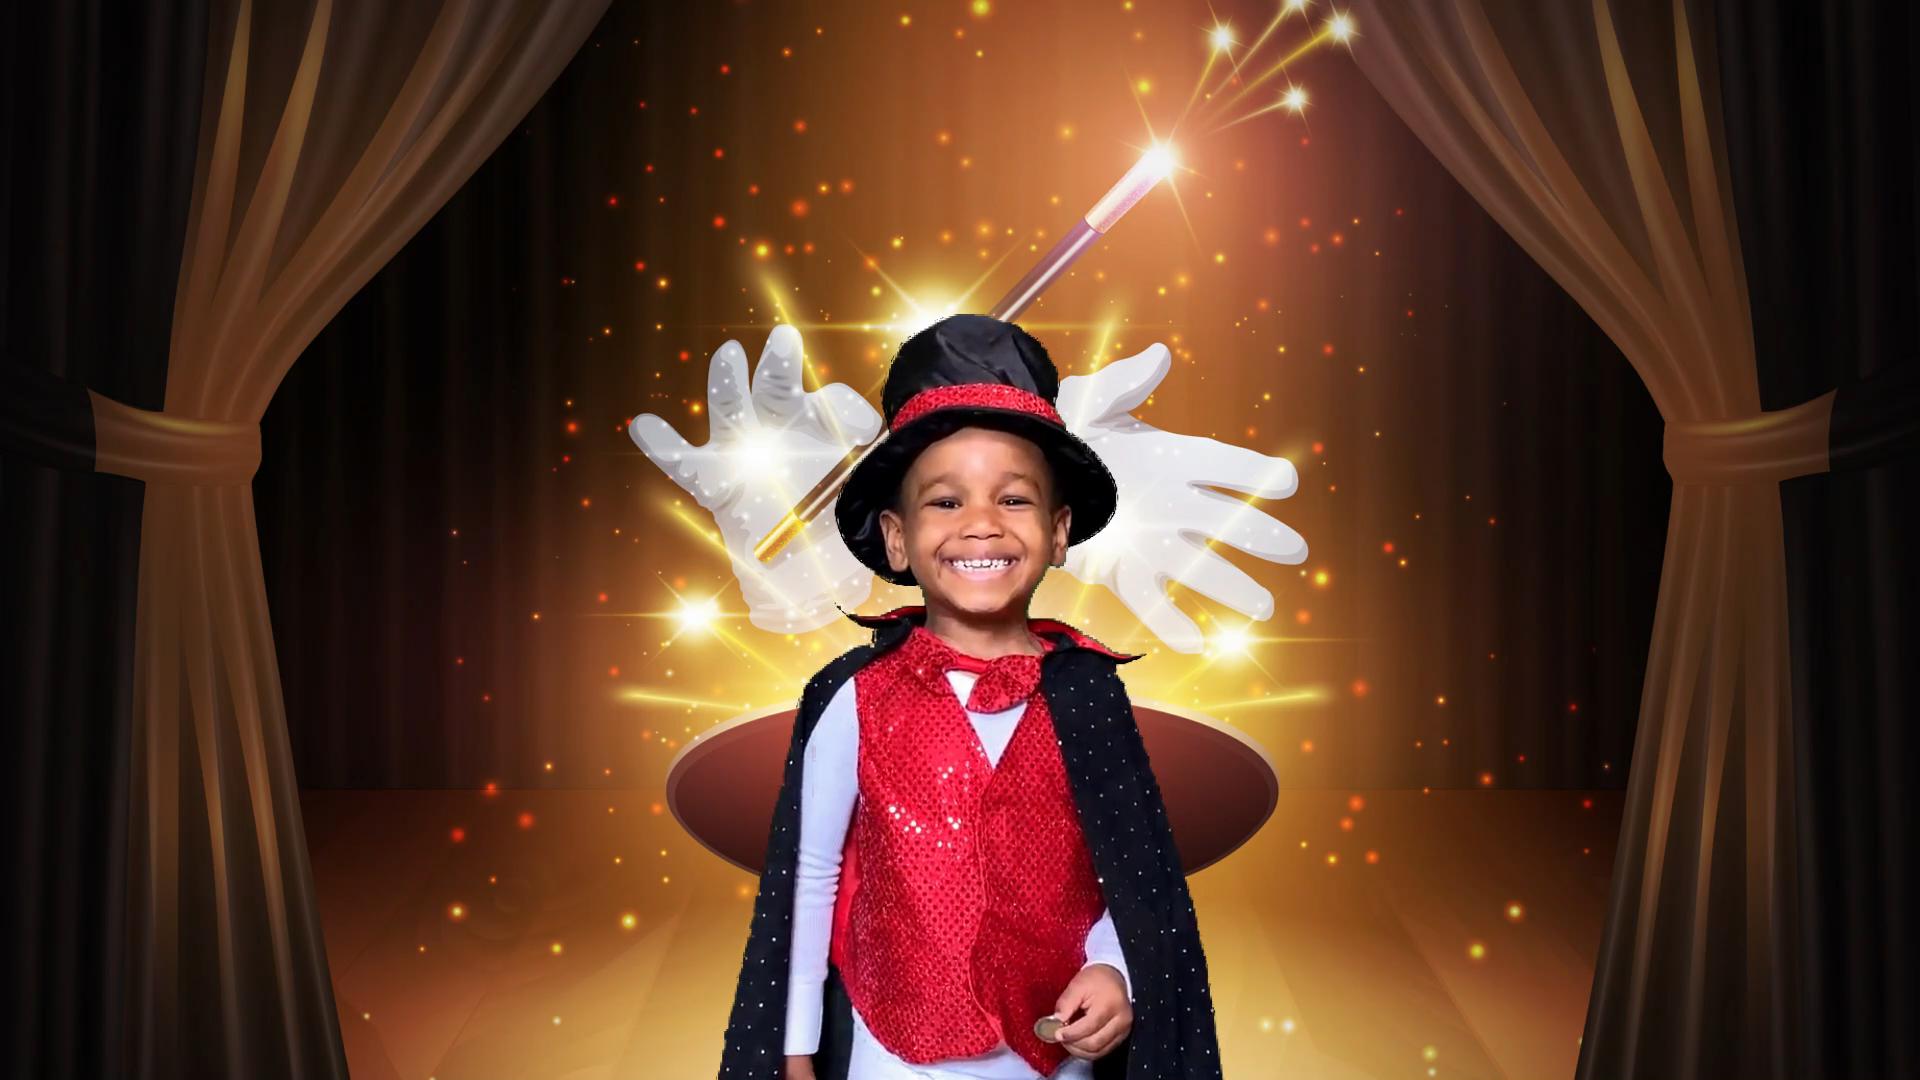 magician kid